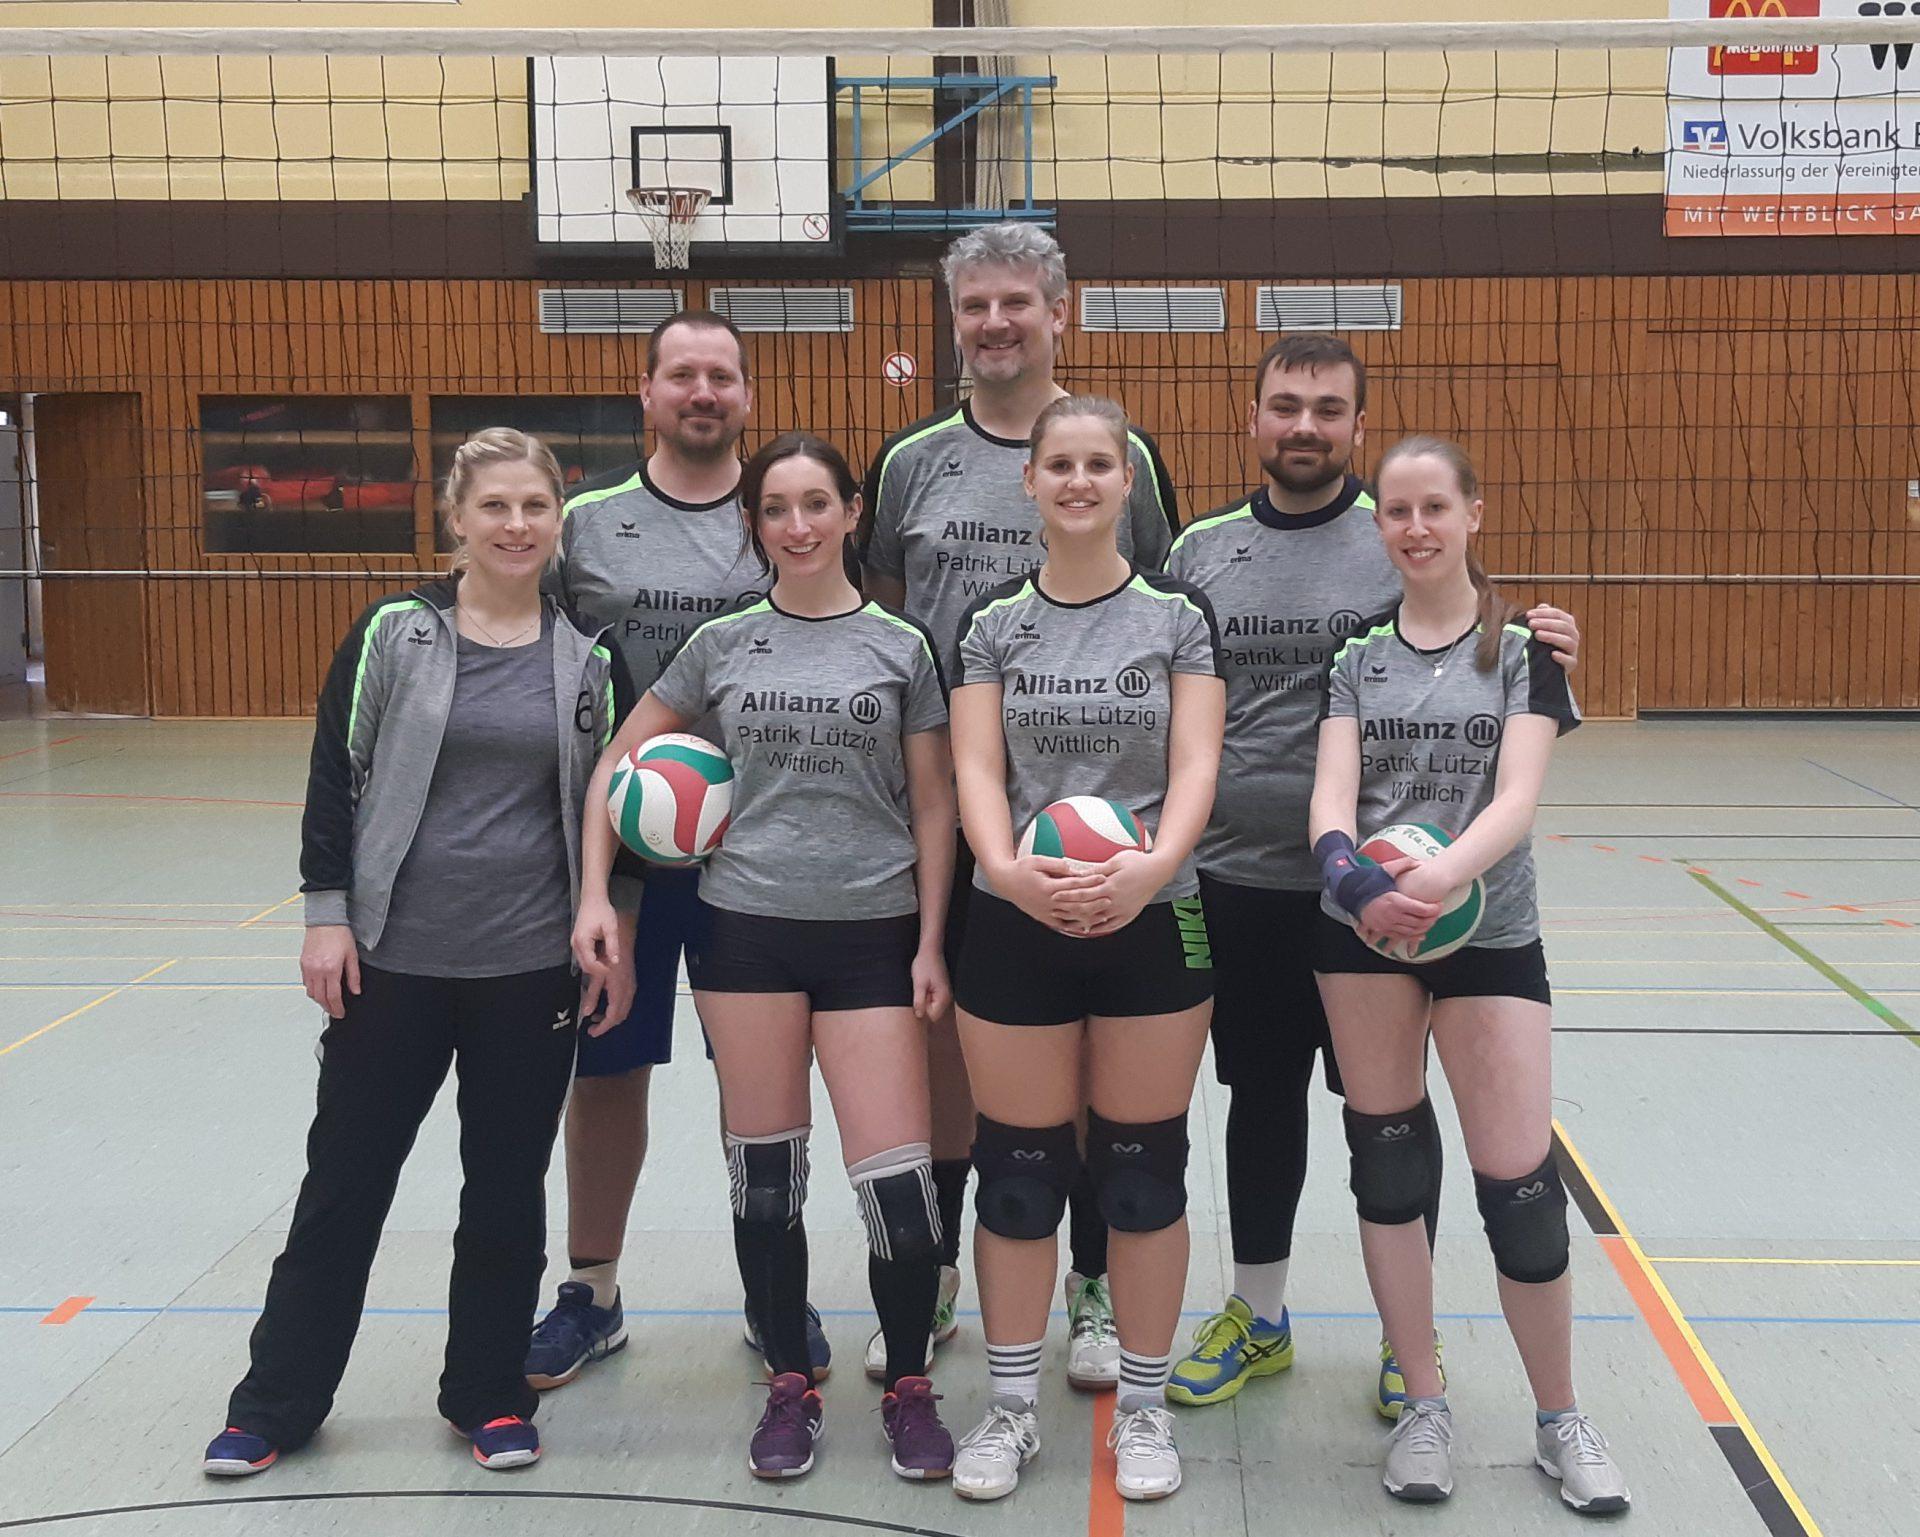 Volleyball_Mixed_Team_2020_hoheAuflösung